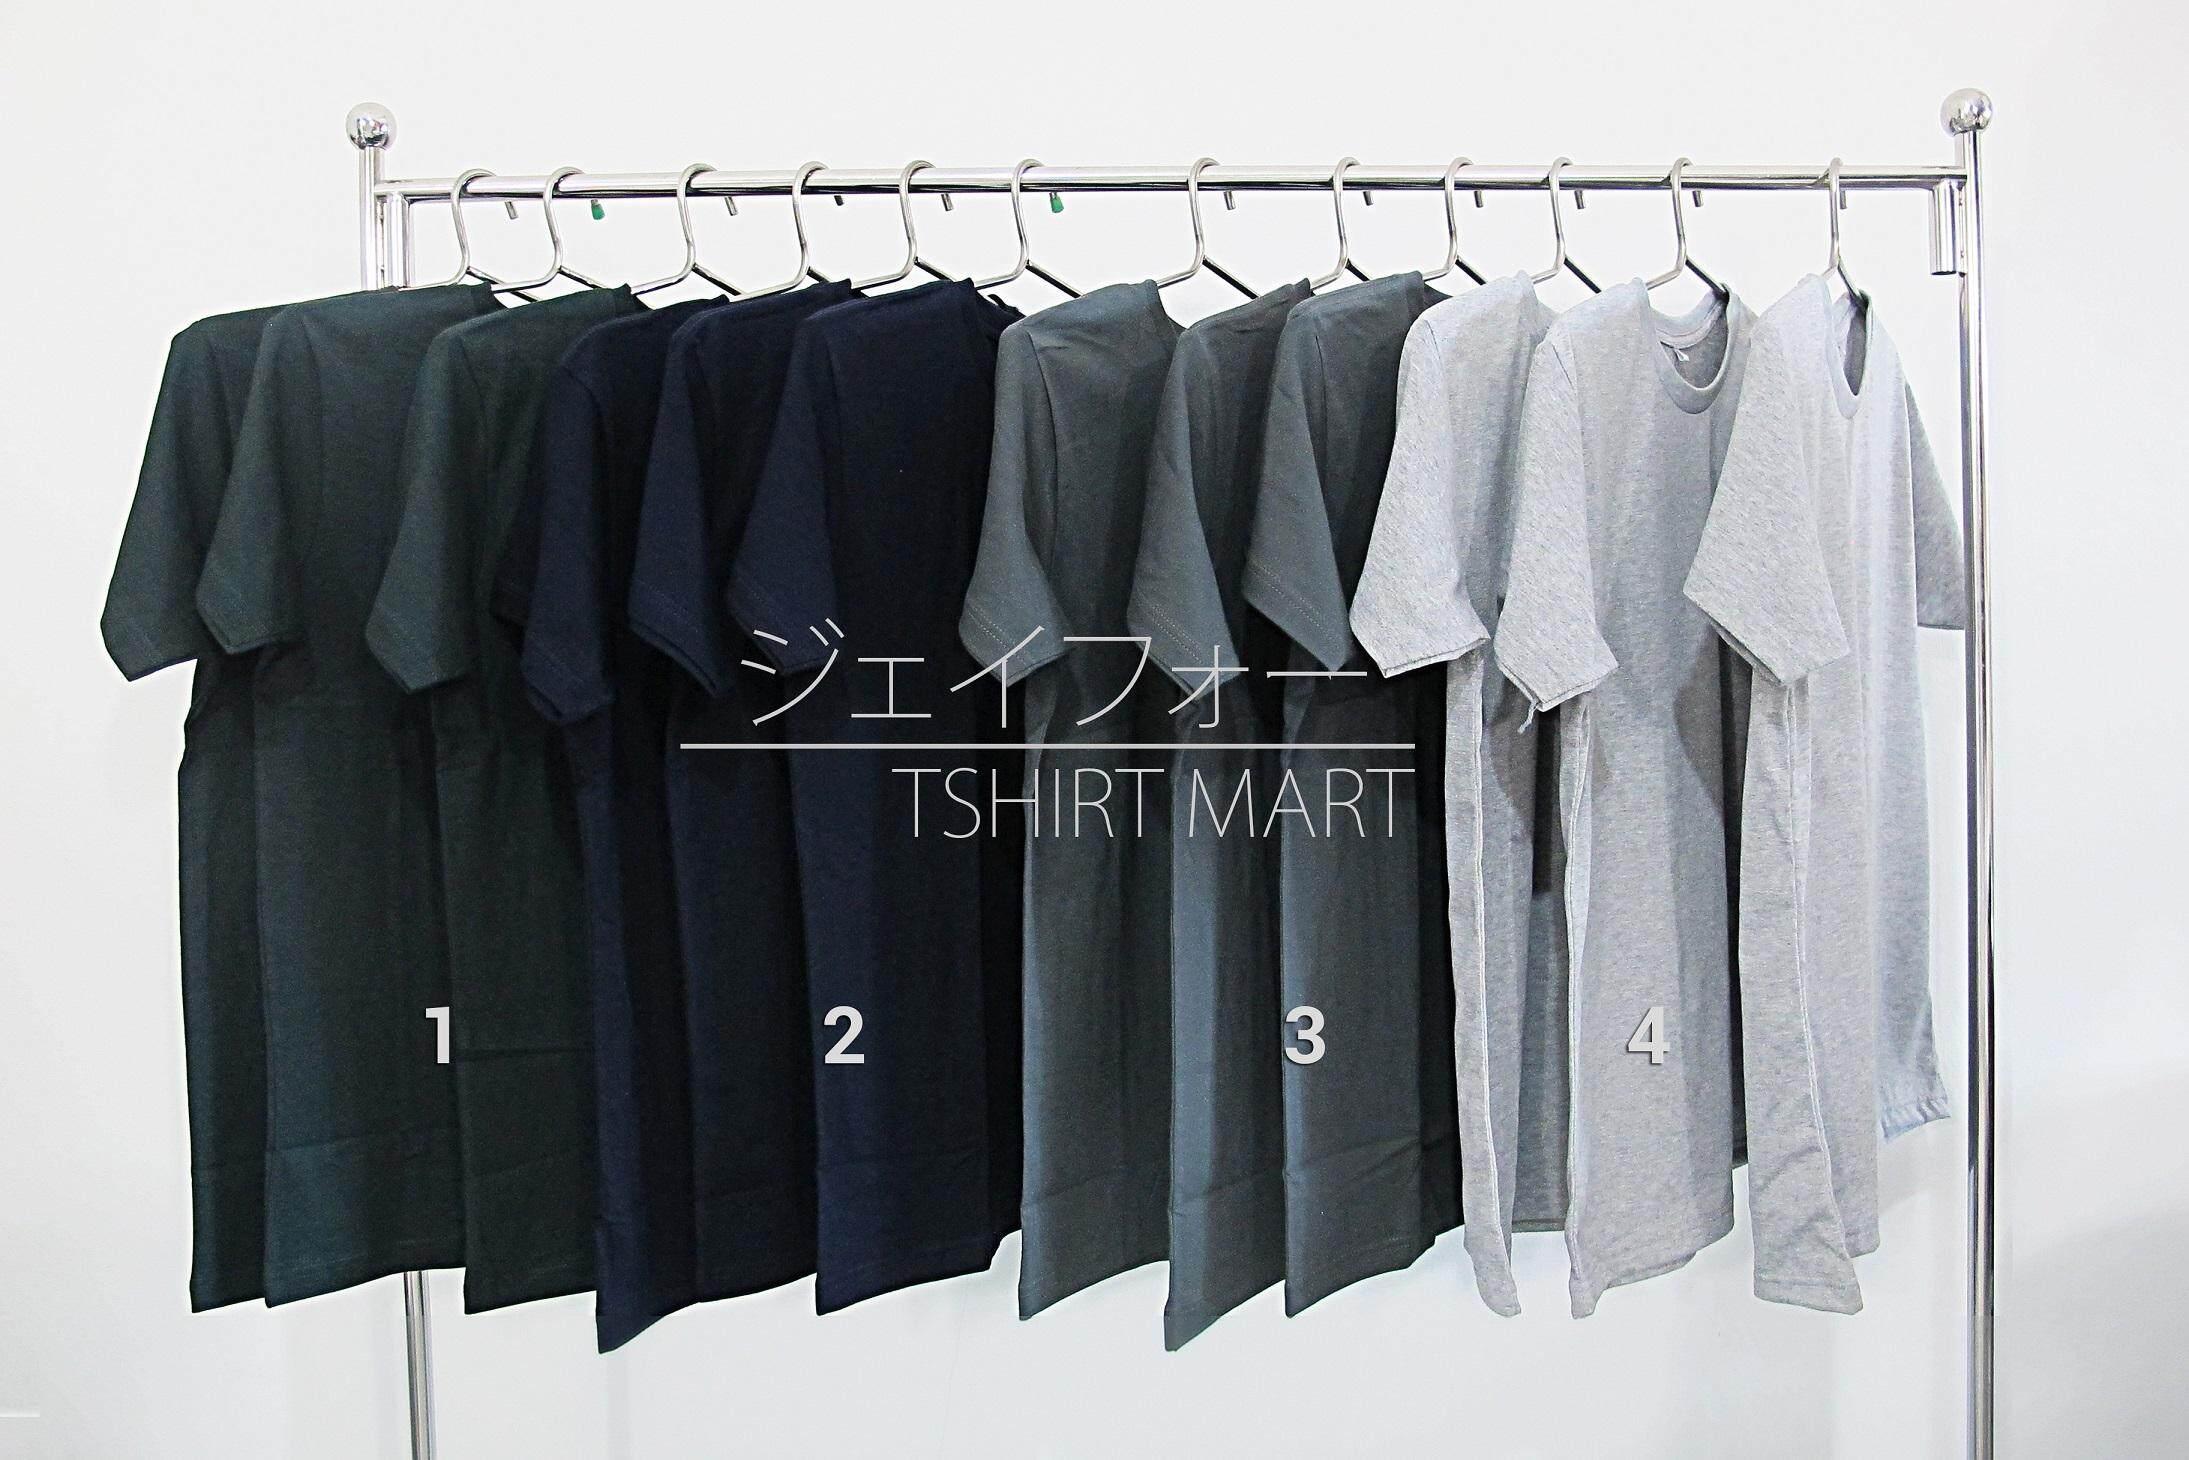 เสื้อยืด Cotton 100% คุณภาพดี ไม่ยืดไม่ย้วย รุ่น Jt-308 2 ตัวขึ้นไปจัดส่งฟรี By Jfourtshirtmart By Jfourtshirtmart.